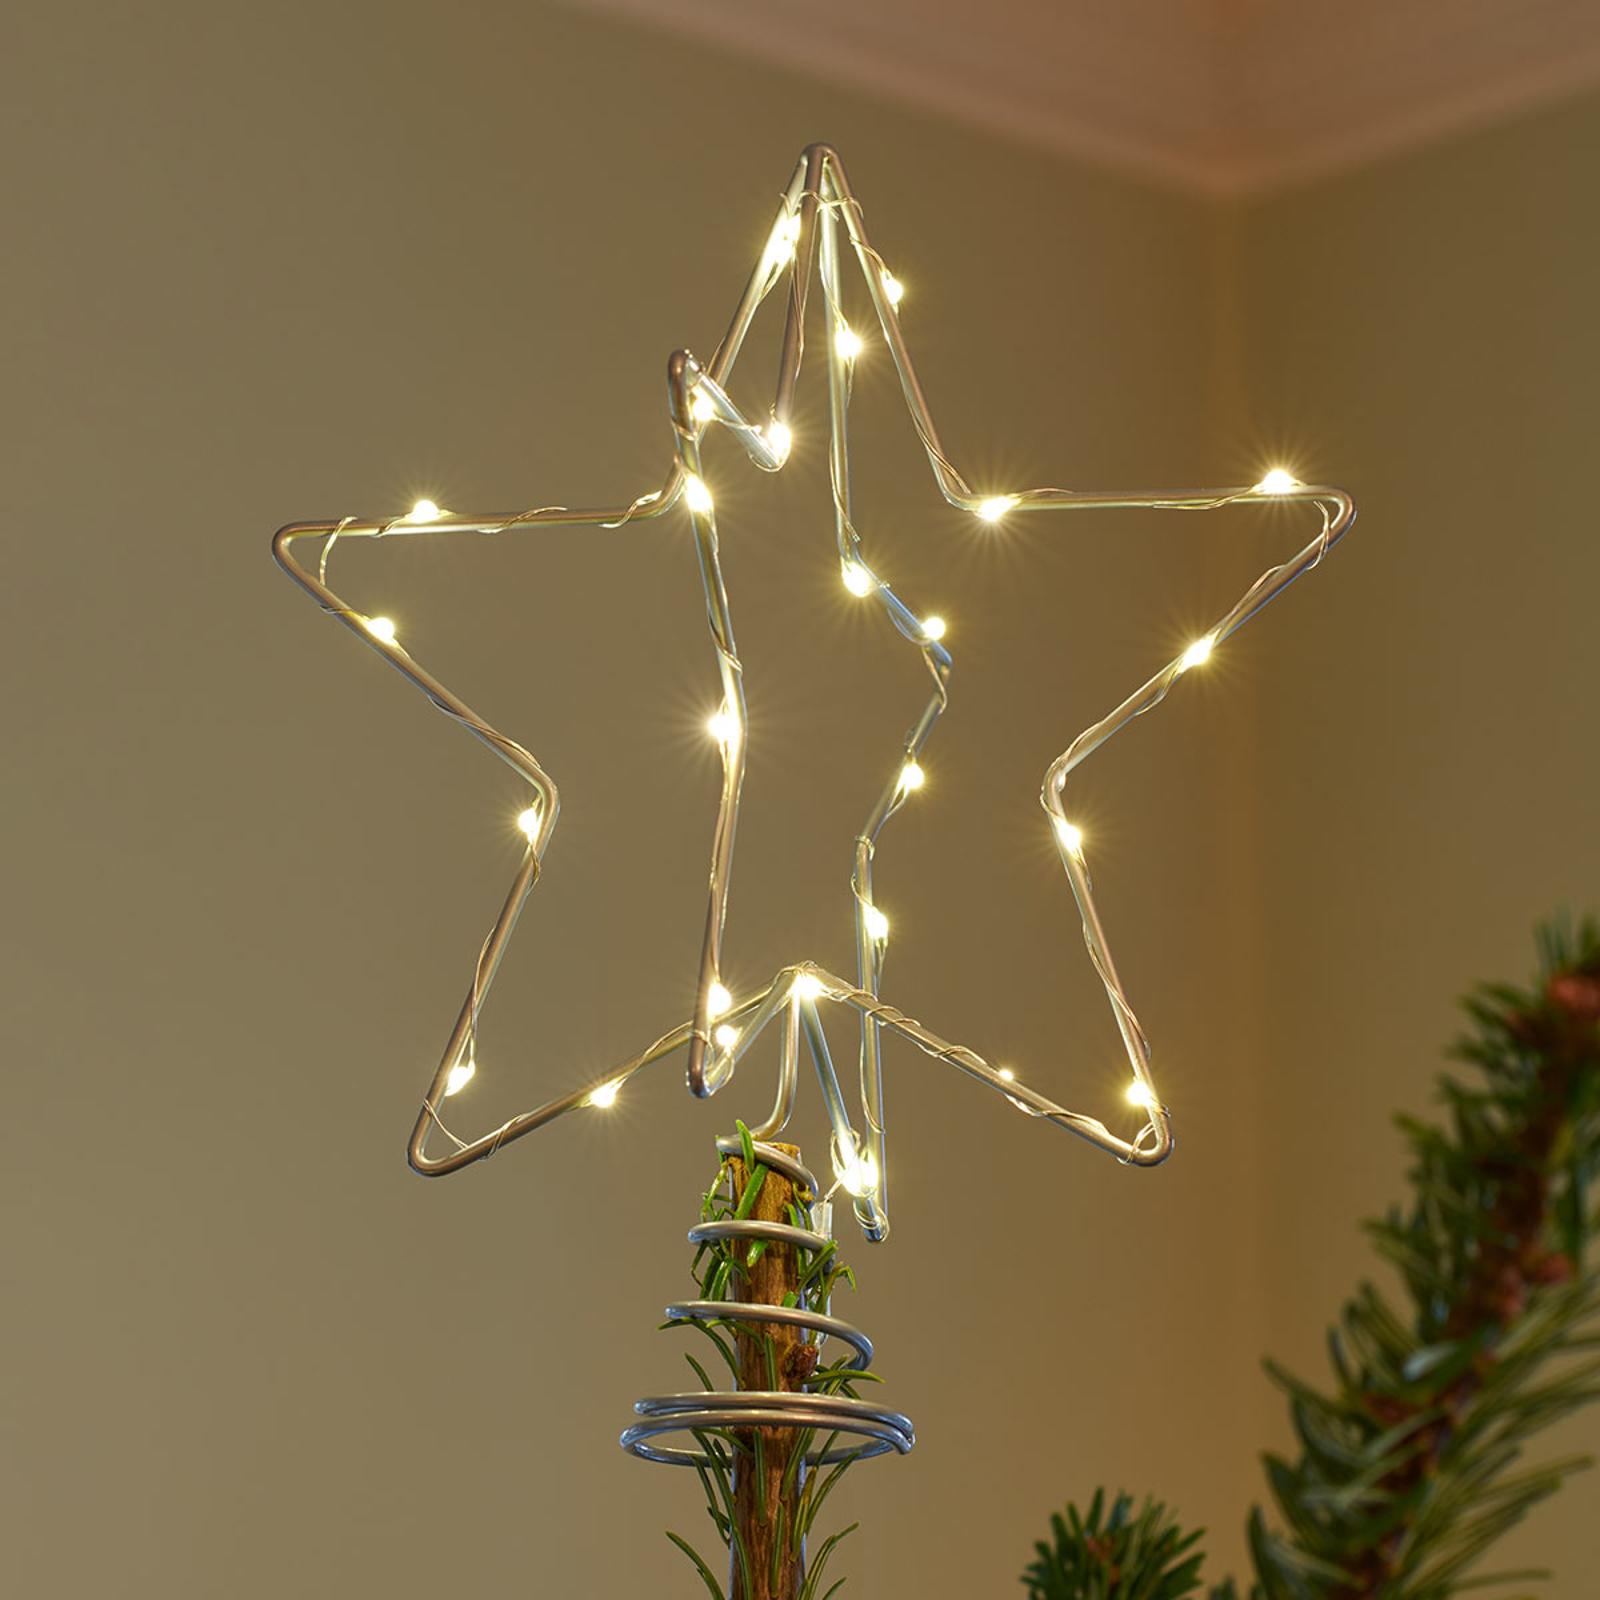 Lampe décorative LED Christmas Top, argentée